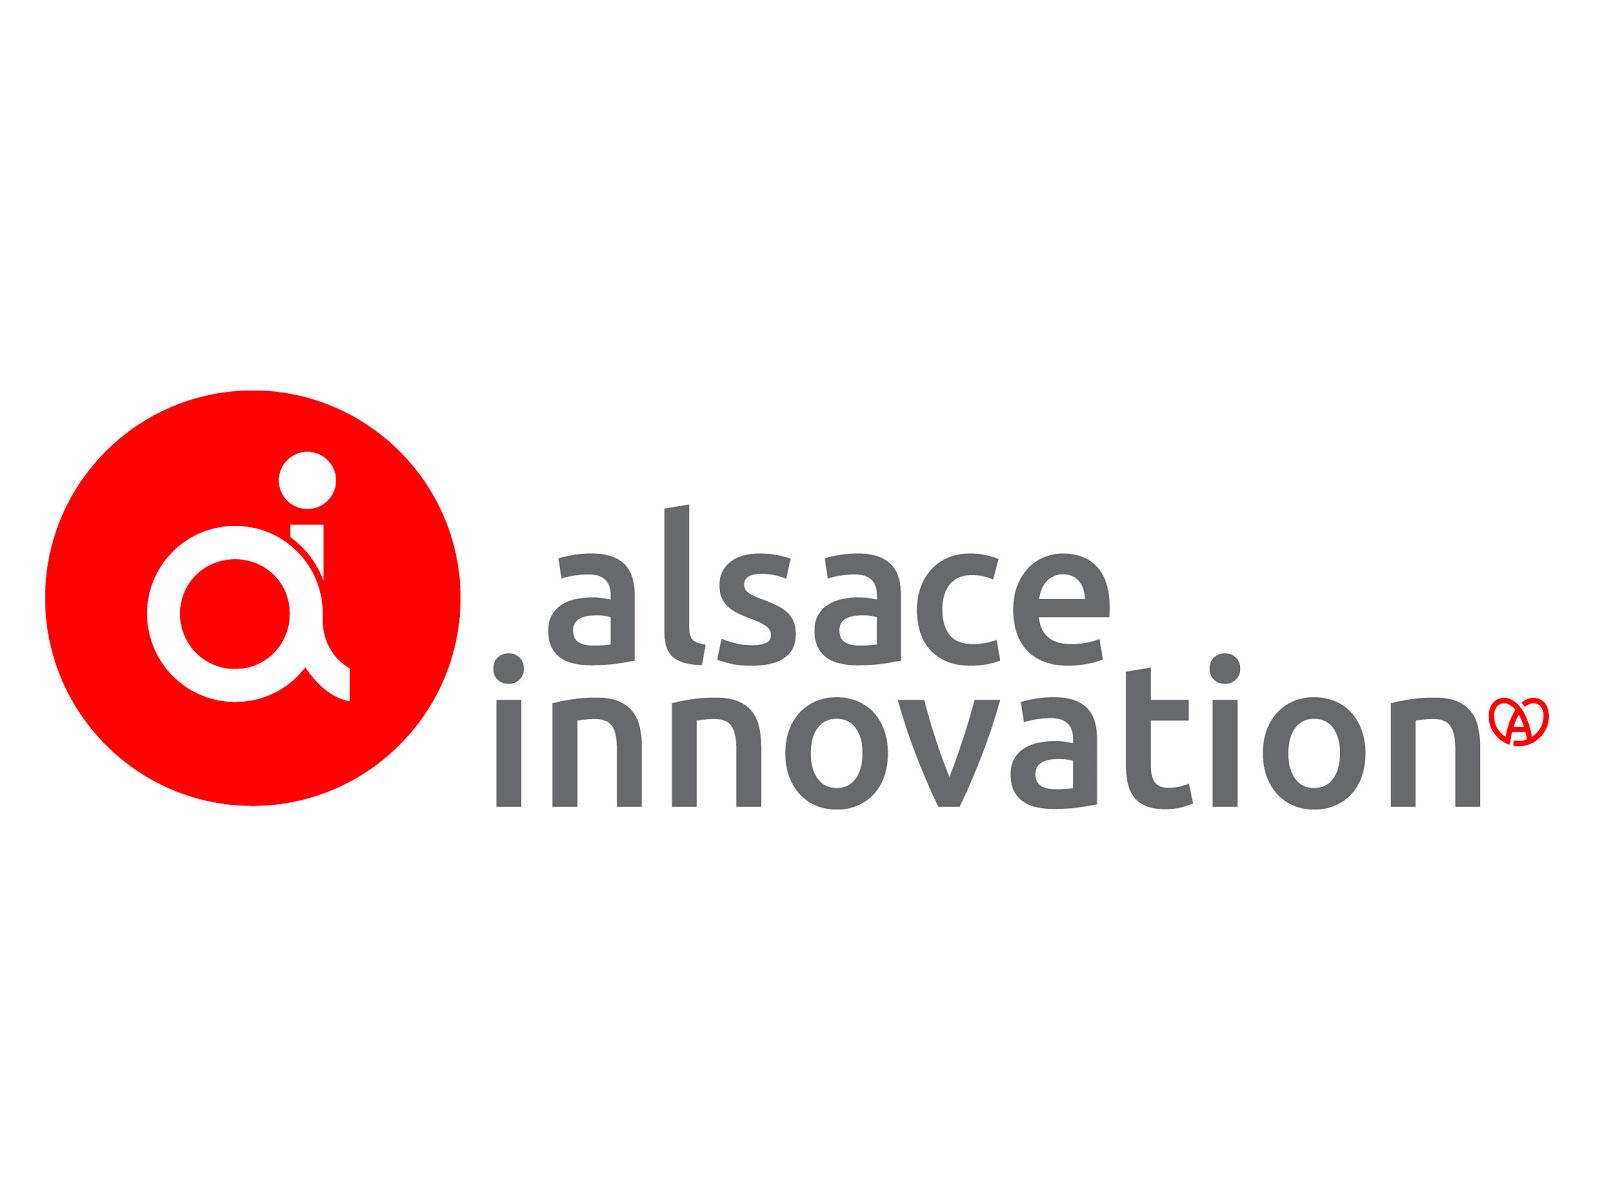 logo-partenaire-alsace-innovaion-menuiserie-bitsch-charpente-willemann